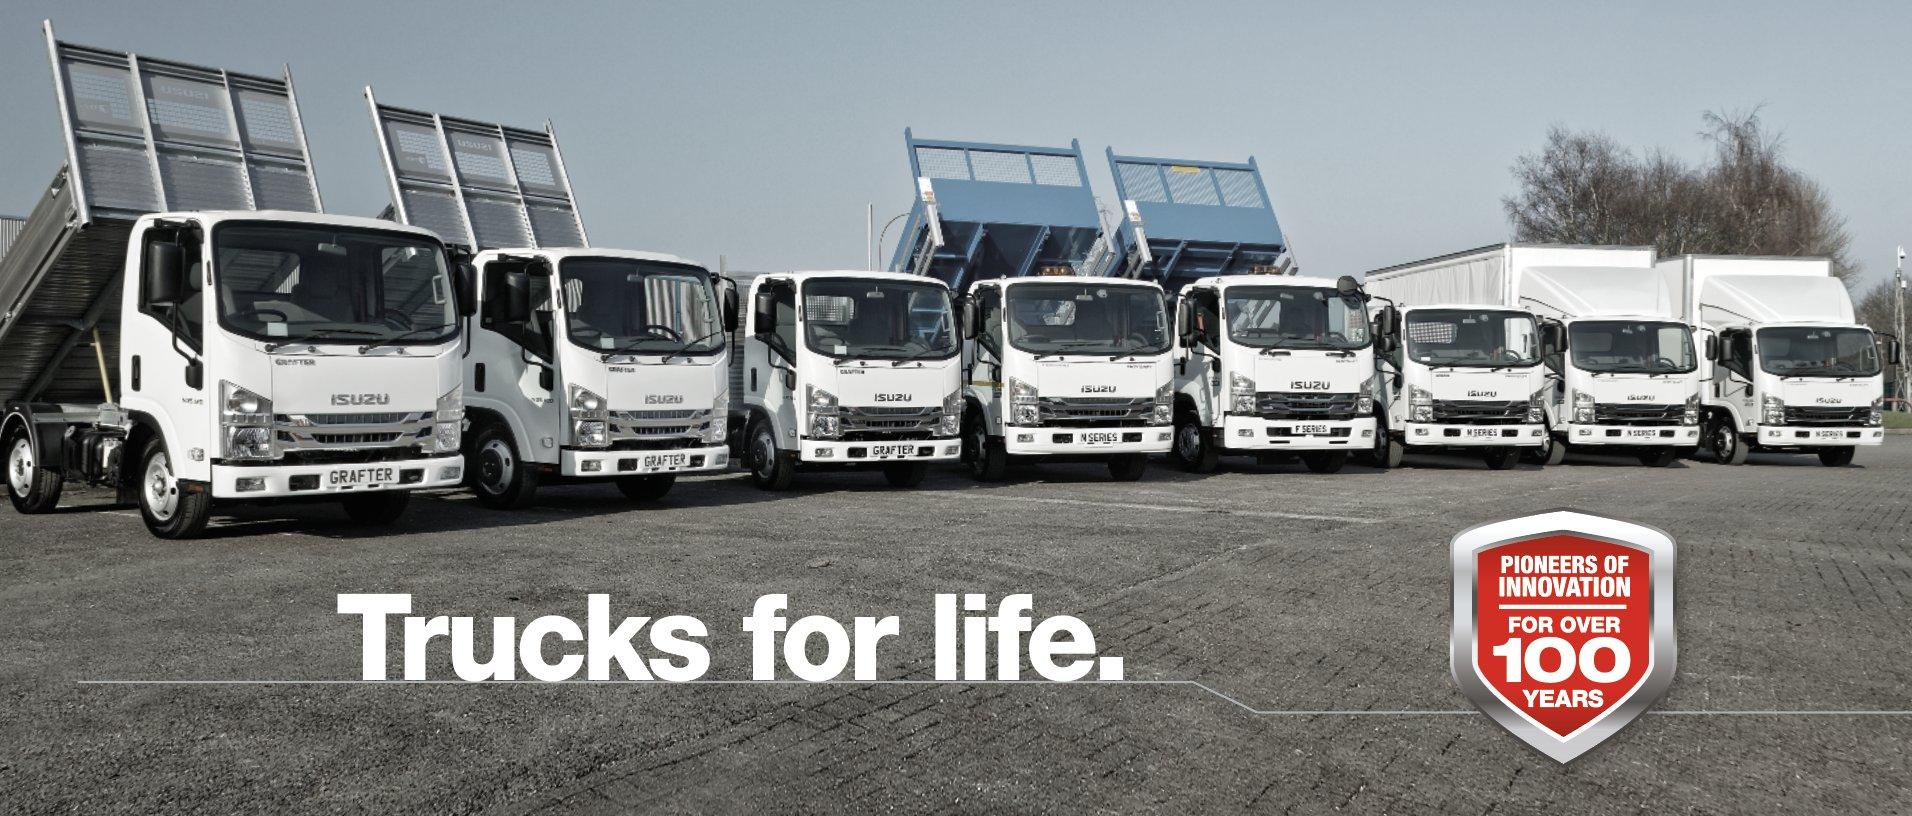 RHCV Drives Forward with Isuzu Trucks